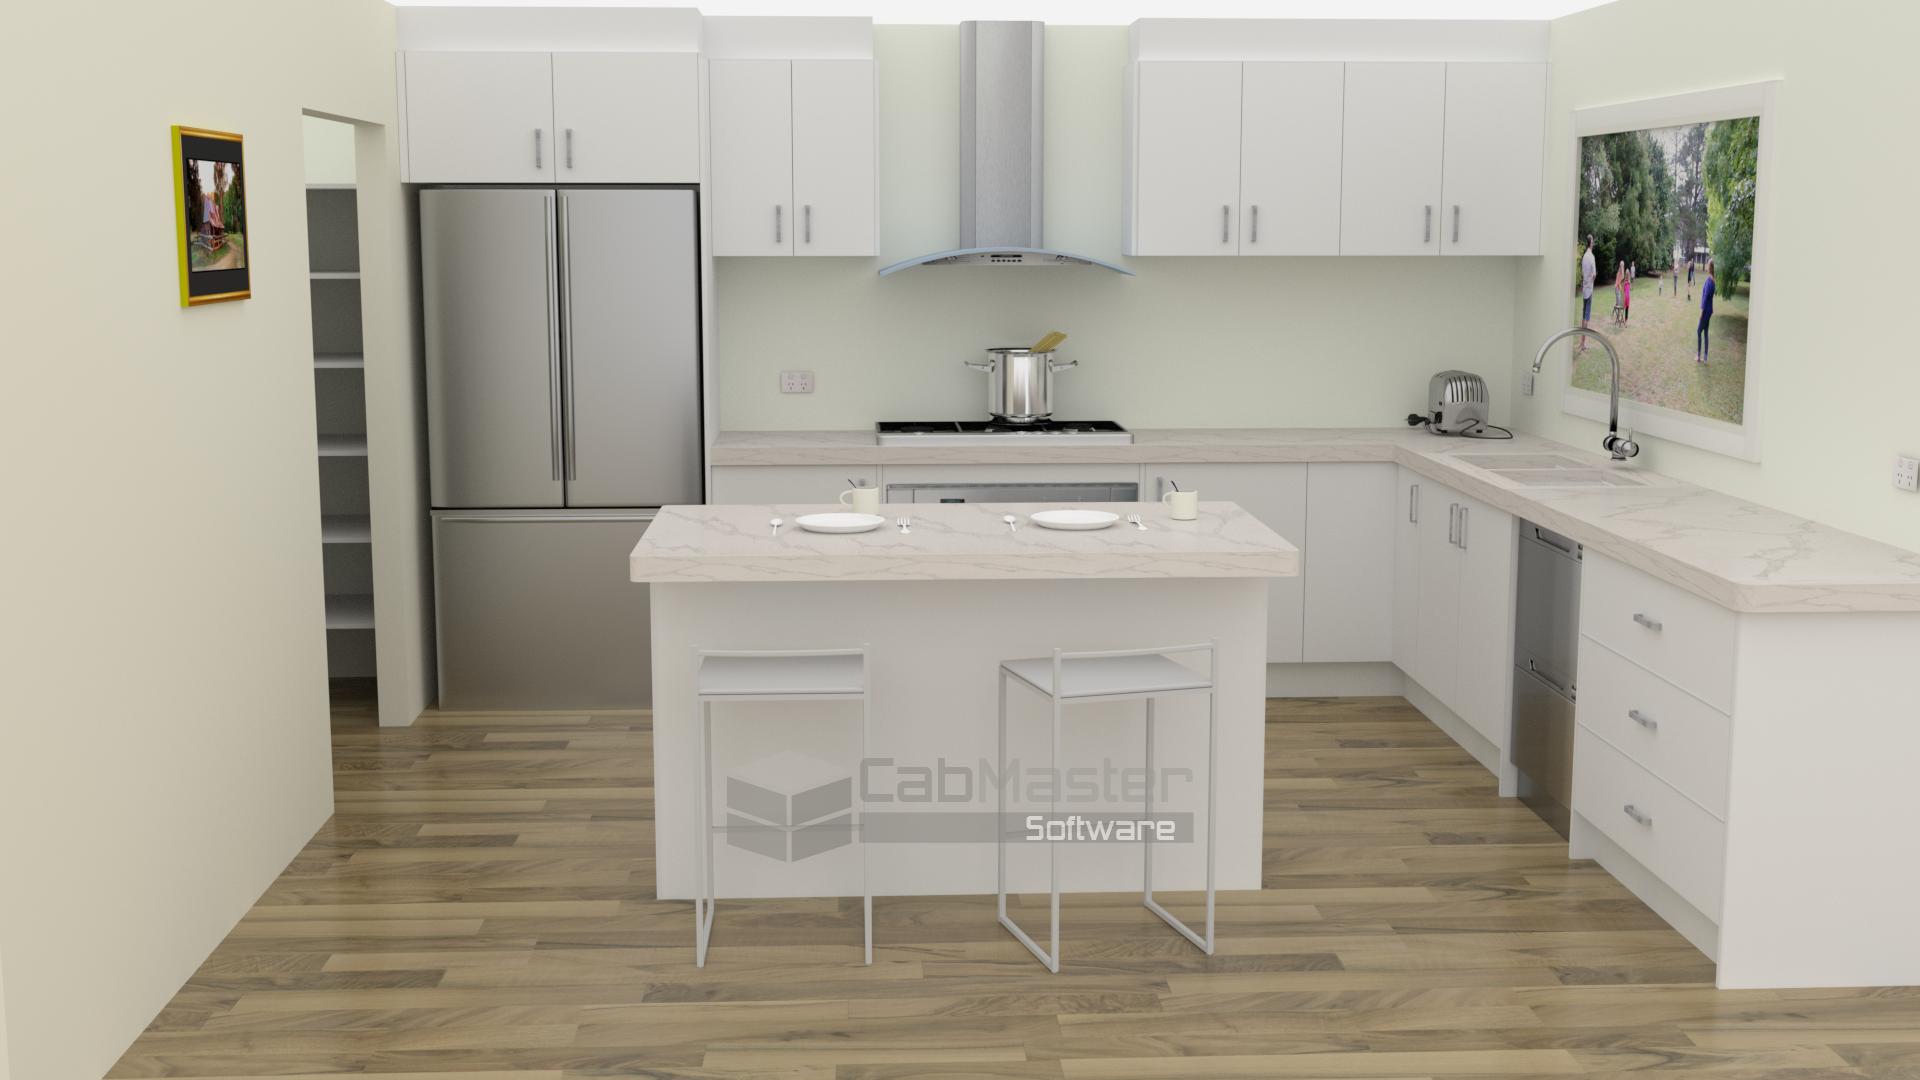 Sample Kitchen Render 5